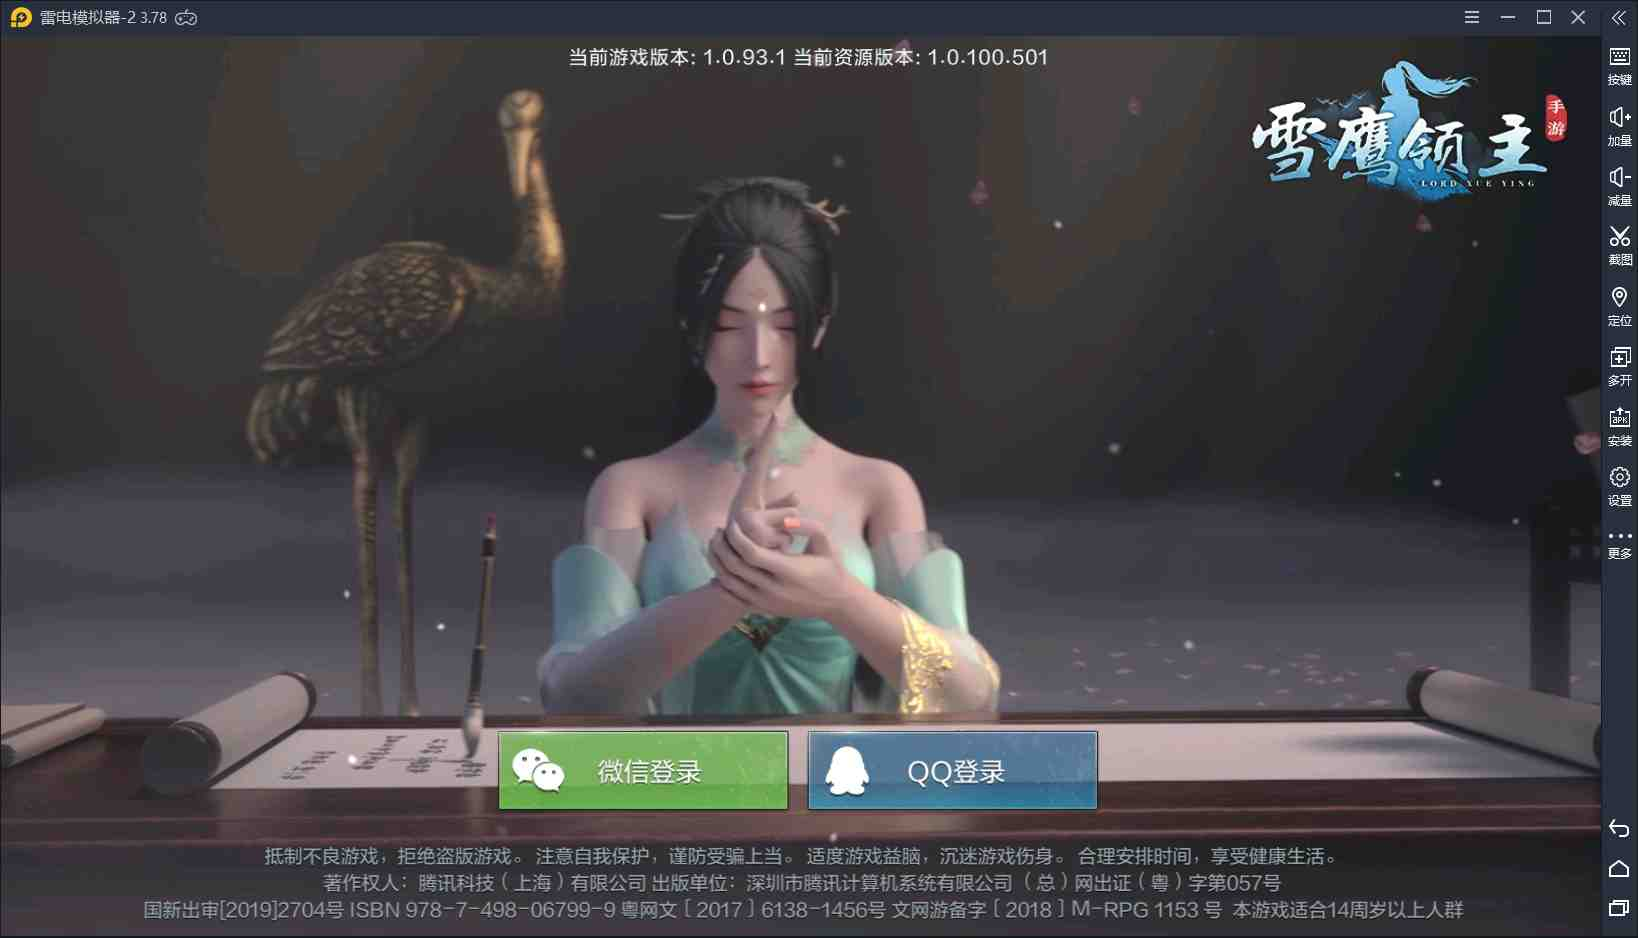 【Rai醬一周新游】《雪鷹領主》《夢幻西游3D》《新笑傲江湖》相繼上線